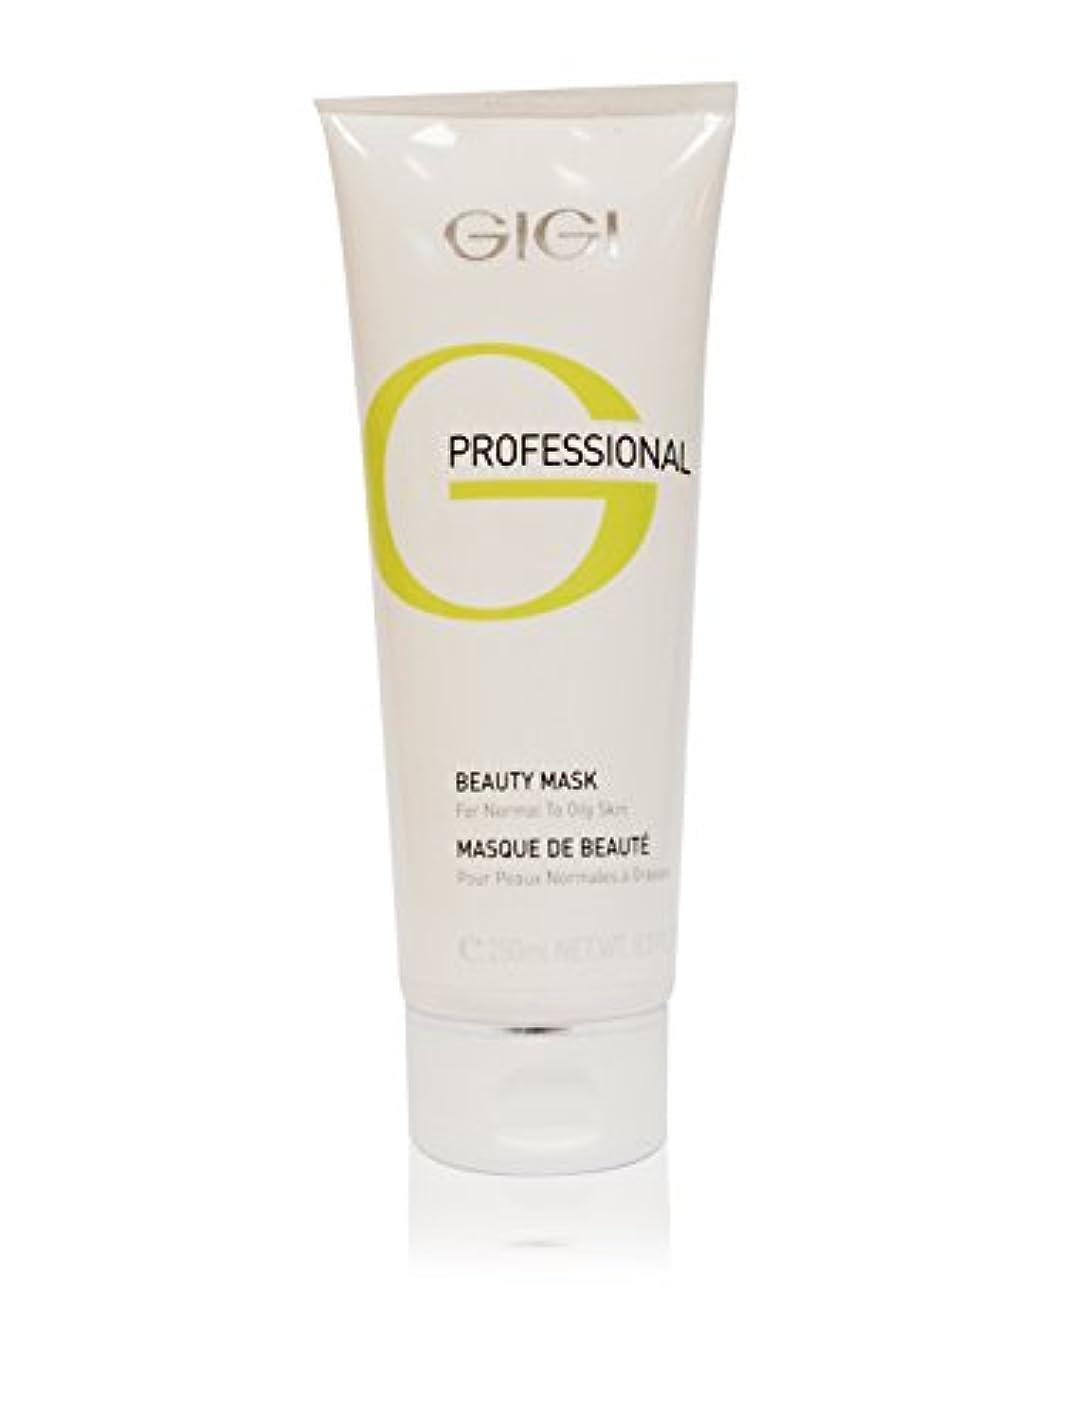 変化冷ややかな車両GIGI Beauty Mask for Normal to Oily Skin 250ml 8.4fl.oz